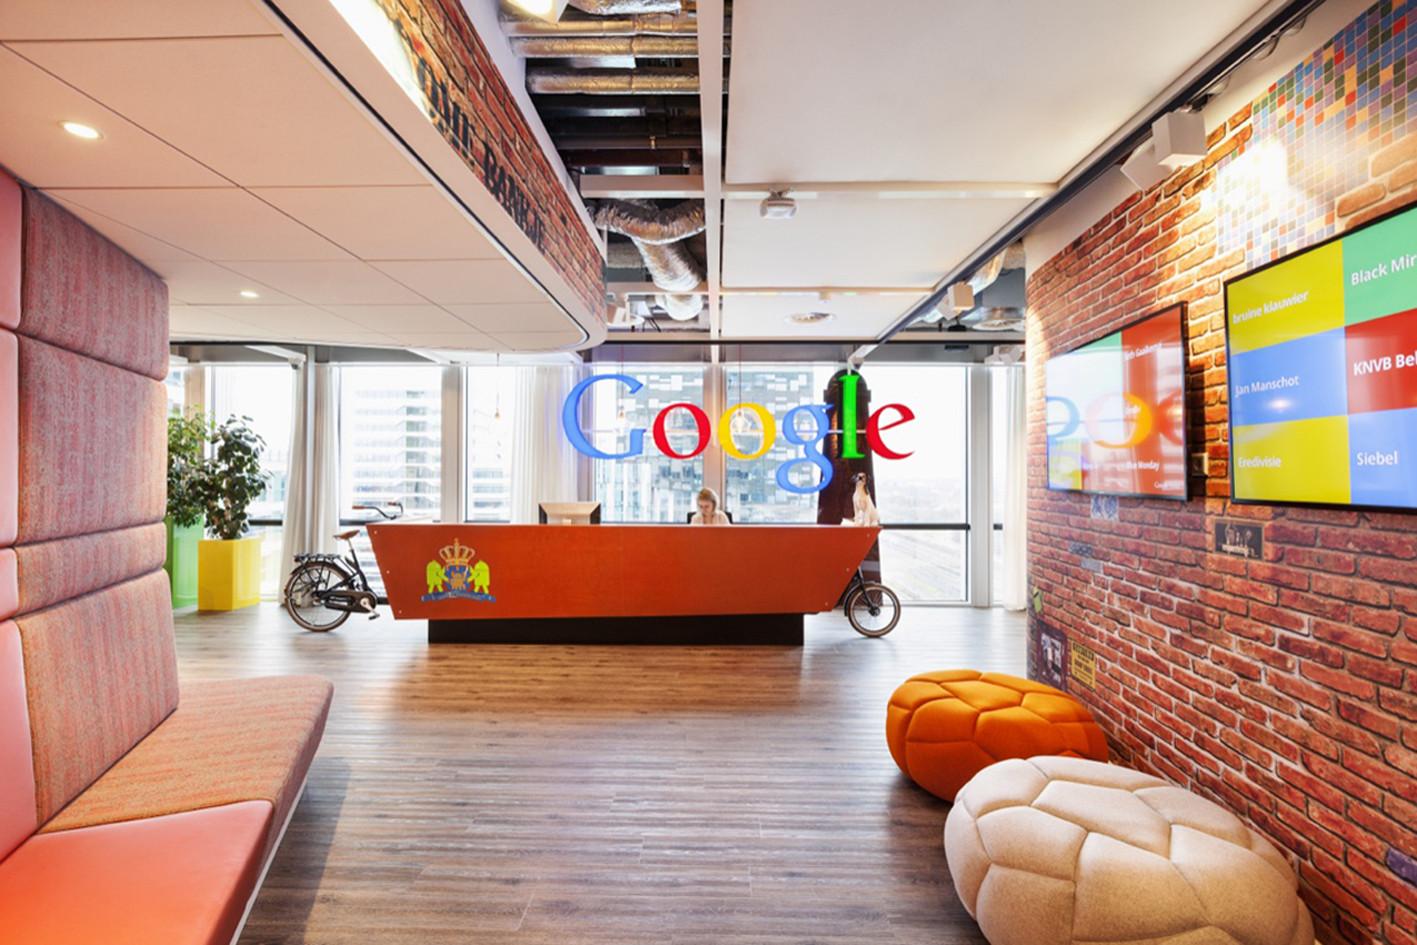 Необычный авторский ресепшн в офисе: вариант из офиса Гугла